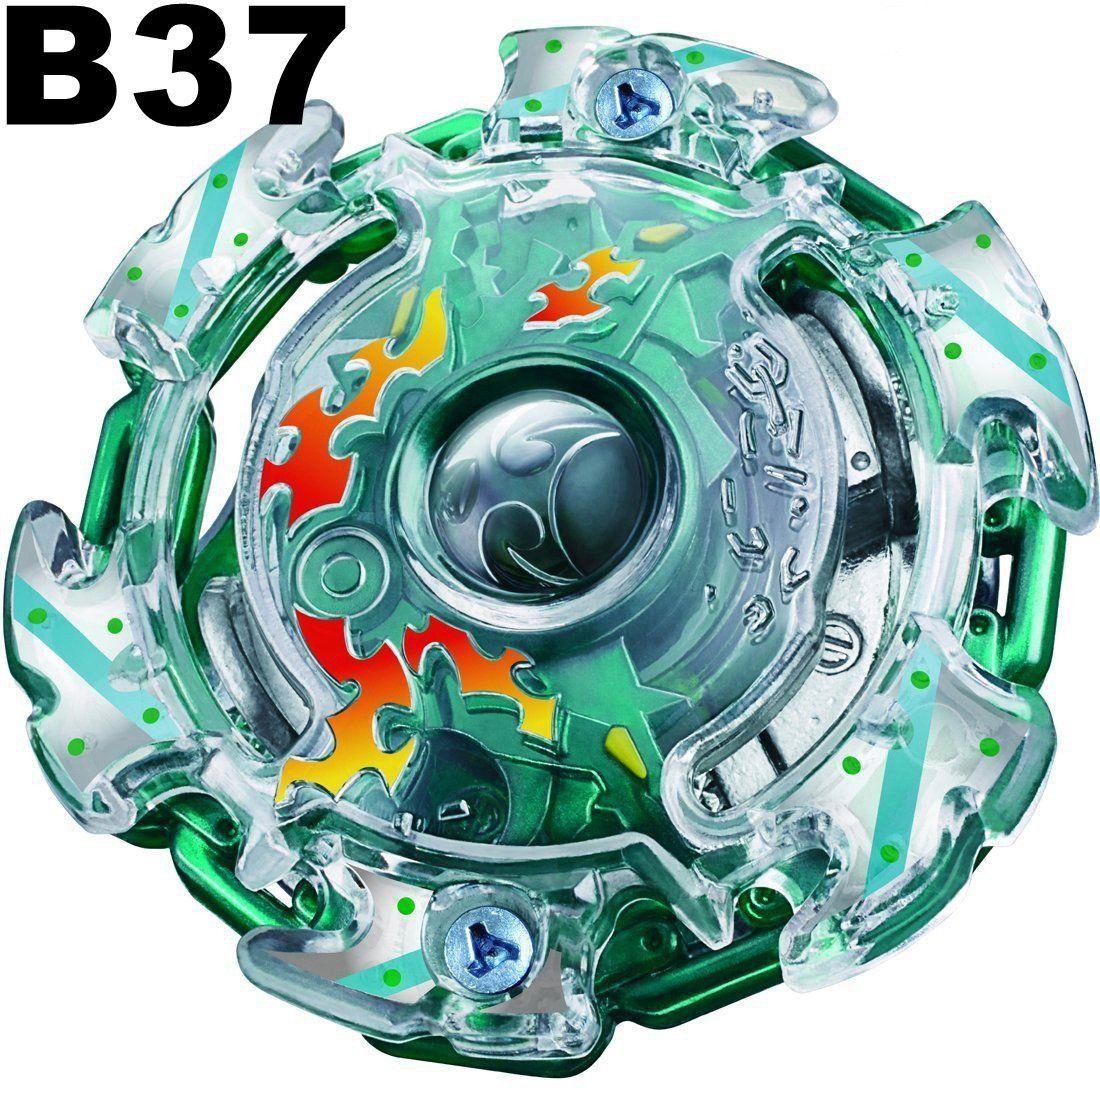 Top de rotation Kaiser Kerbeus.L.P, sans lanceur, Juguetes Toupie Fusion Fafnir, jouets de Gyroscope à lame pour garçons, B-37